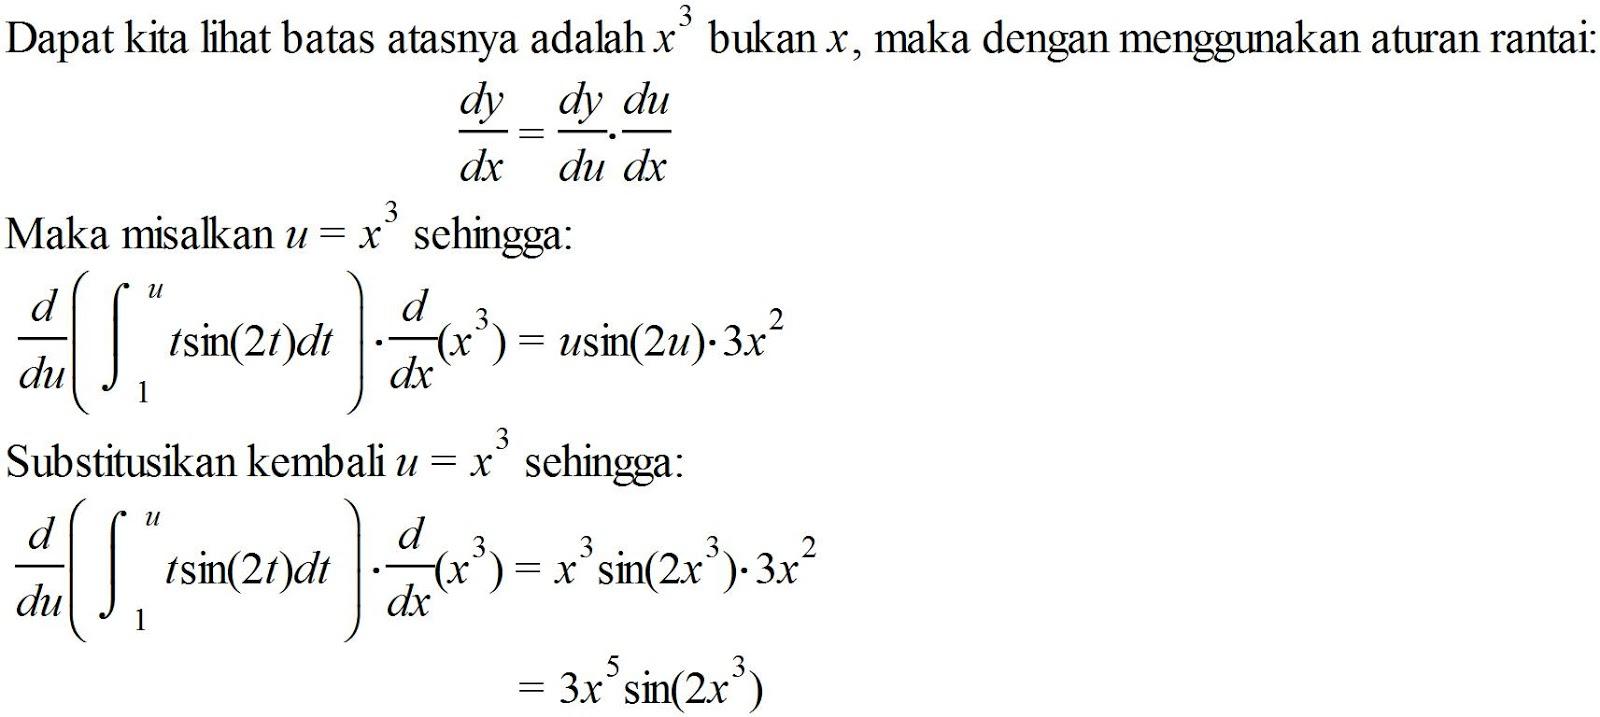 Teorema Dasar Kalkulus 2